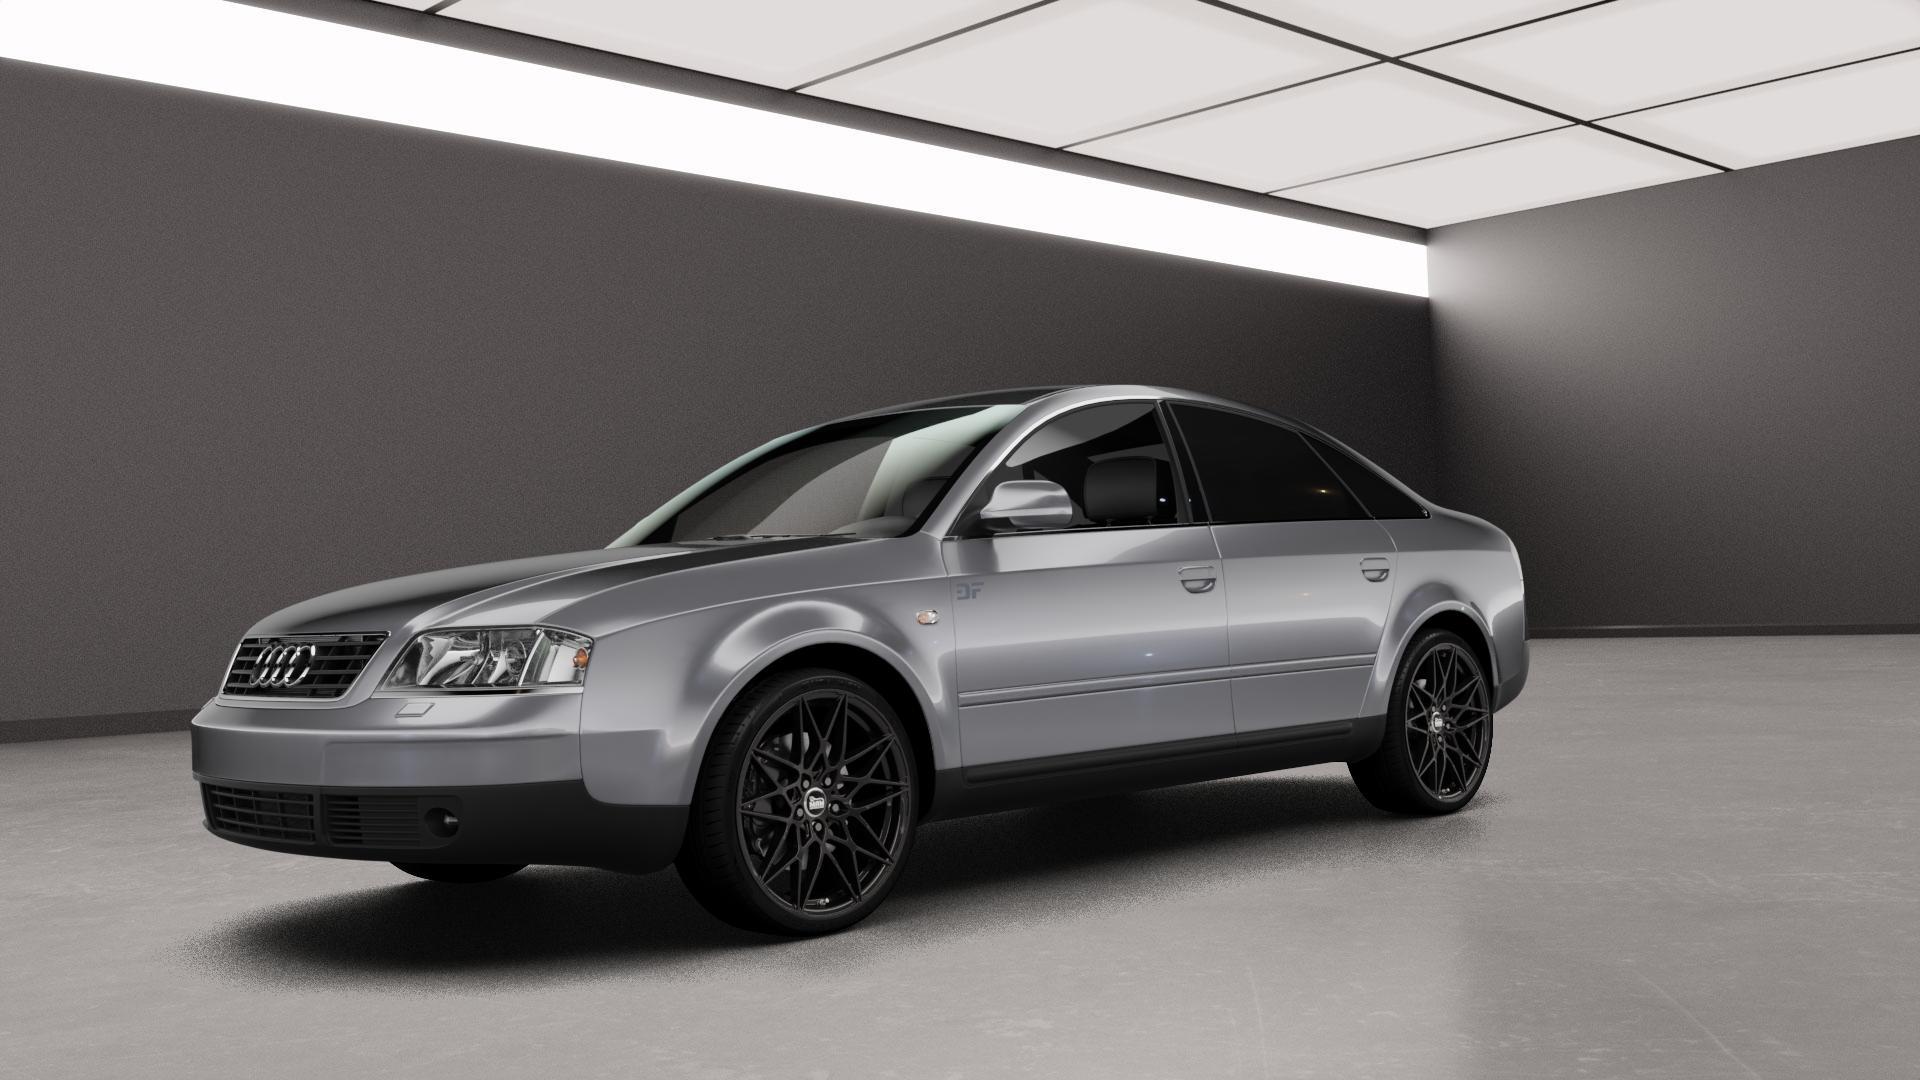 MAM B2 BLACK PAINTED Felge mit Reifen schwarz in 19Zoll Winterfelge Alufelge auf silbernem Audi A6 Typ 4B/C5 (Limousine) ⬇️ mit 15mm Tieferlegung ⬇️ Neutral_mid_max5300mm Frontansicht_1